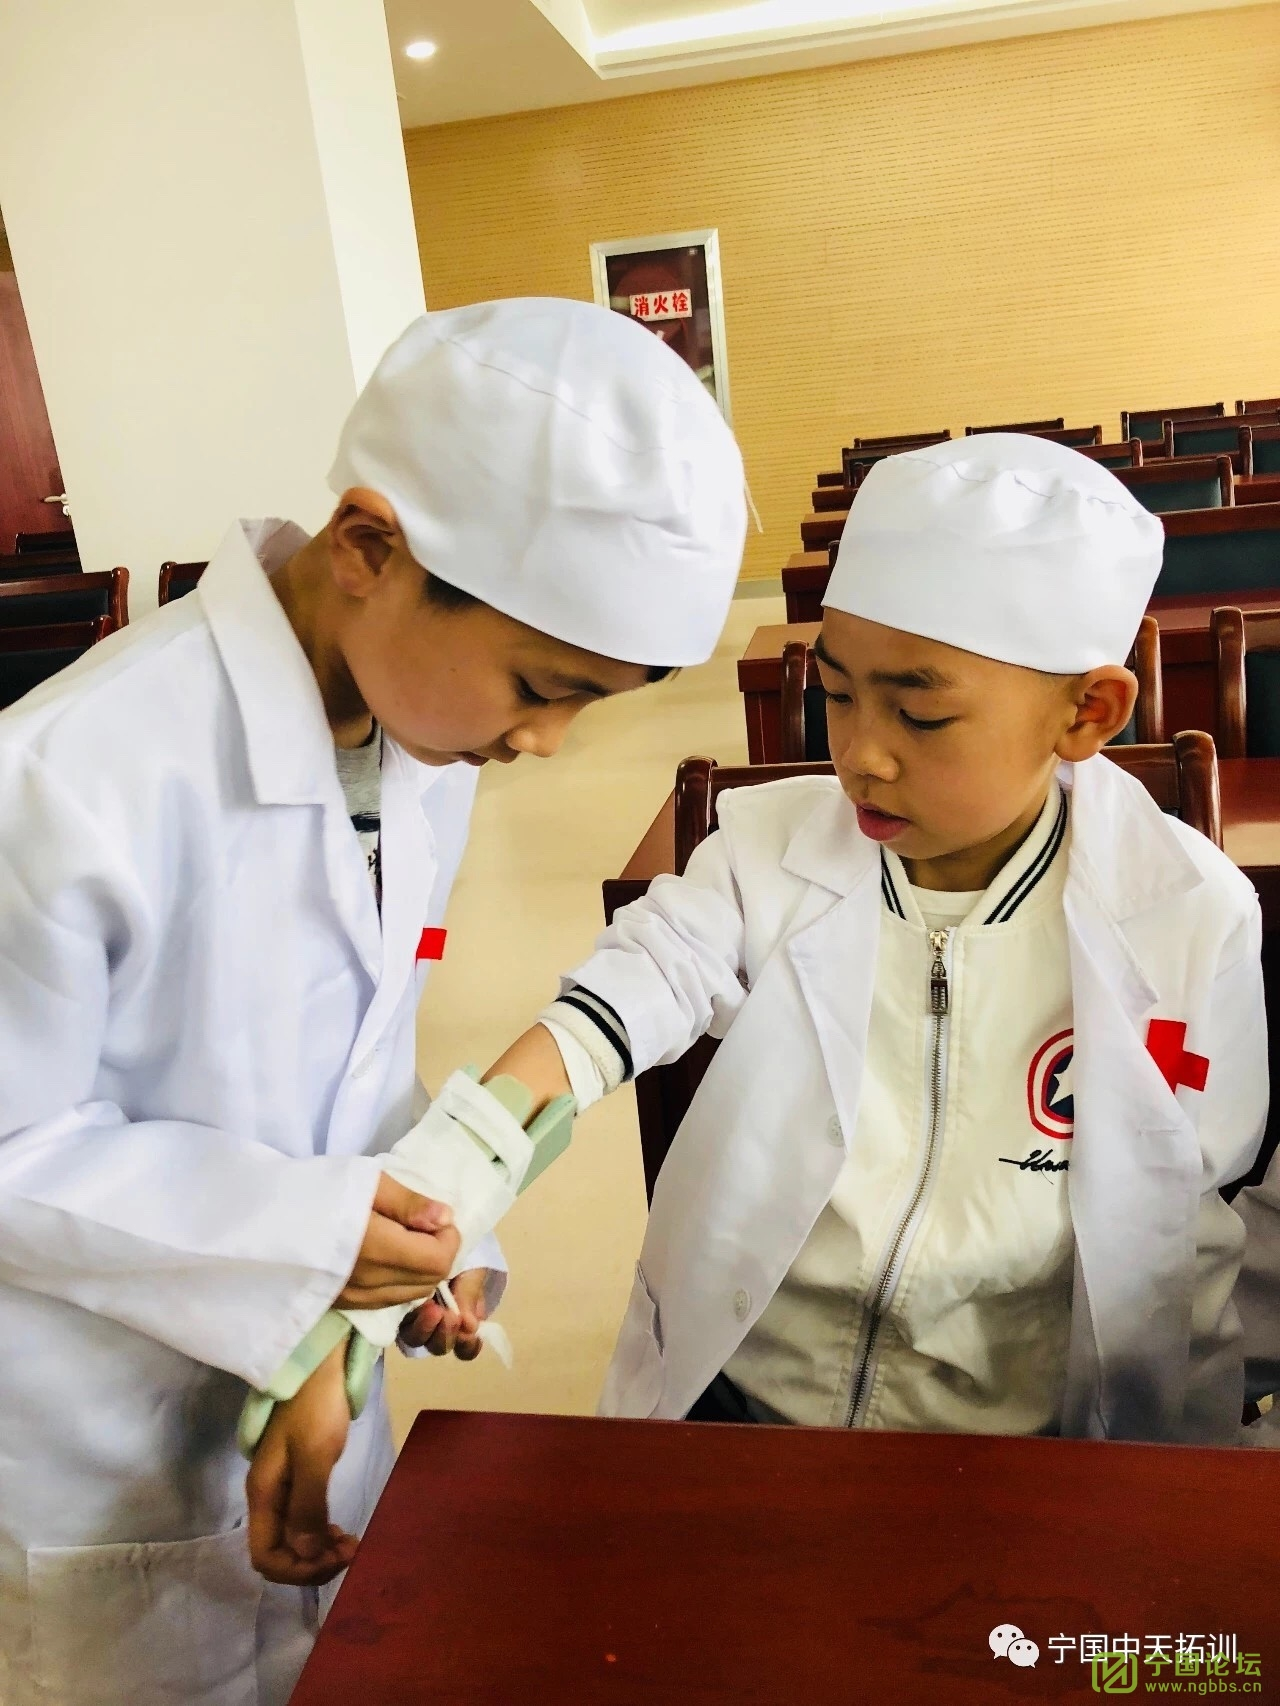 骨科医院奇遇记,小小医生职业体验 - 宁国论坛 - IMG_3522.JPG